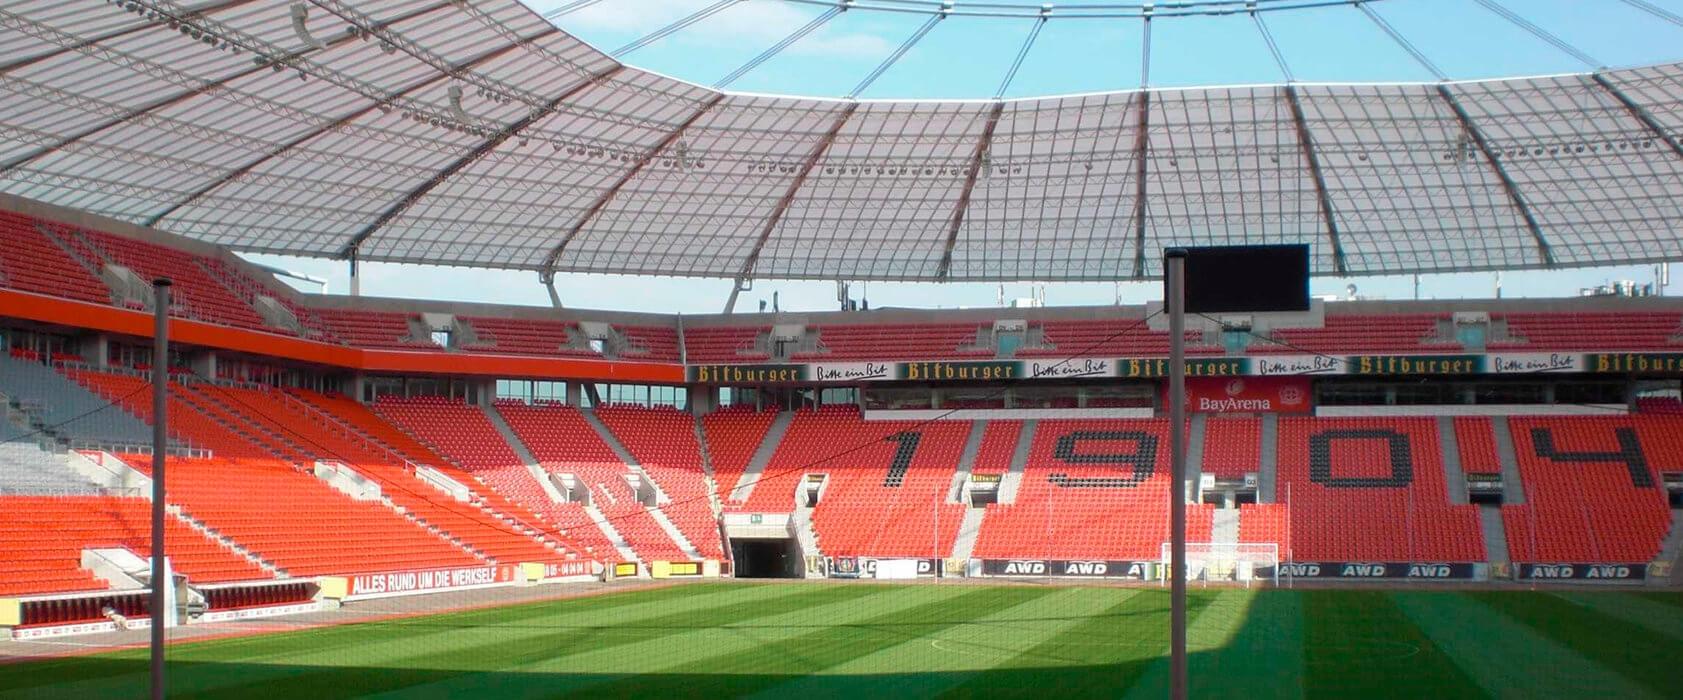 Клубовете в германската Бундеслига трябва да се отворят към повече